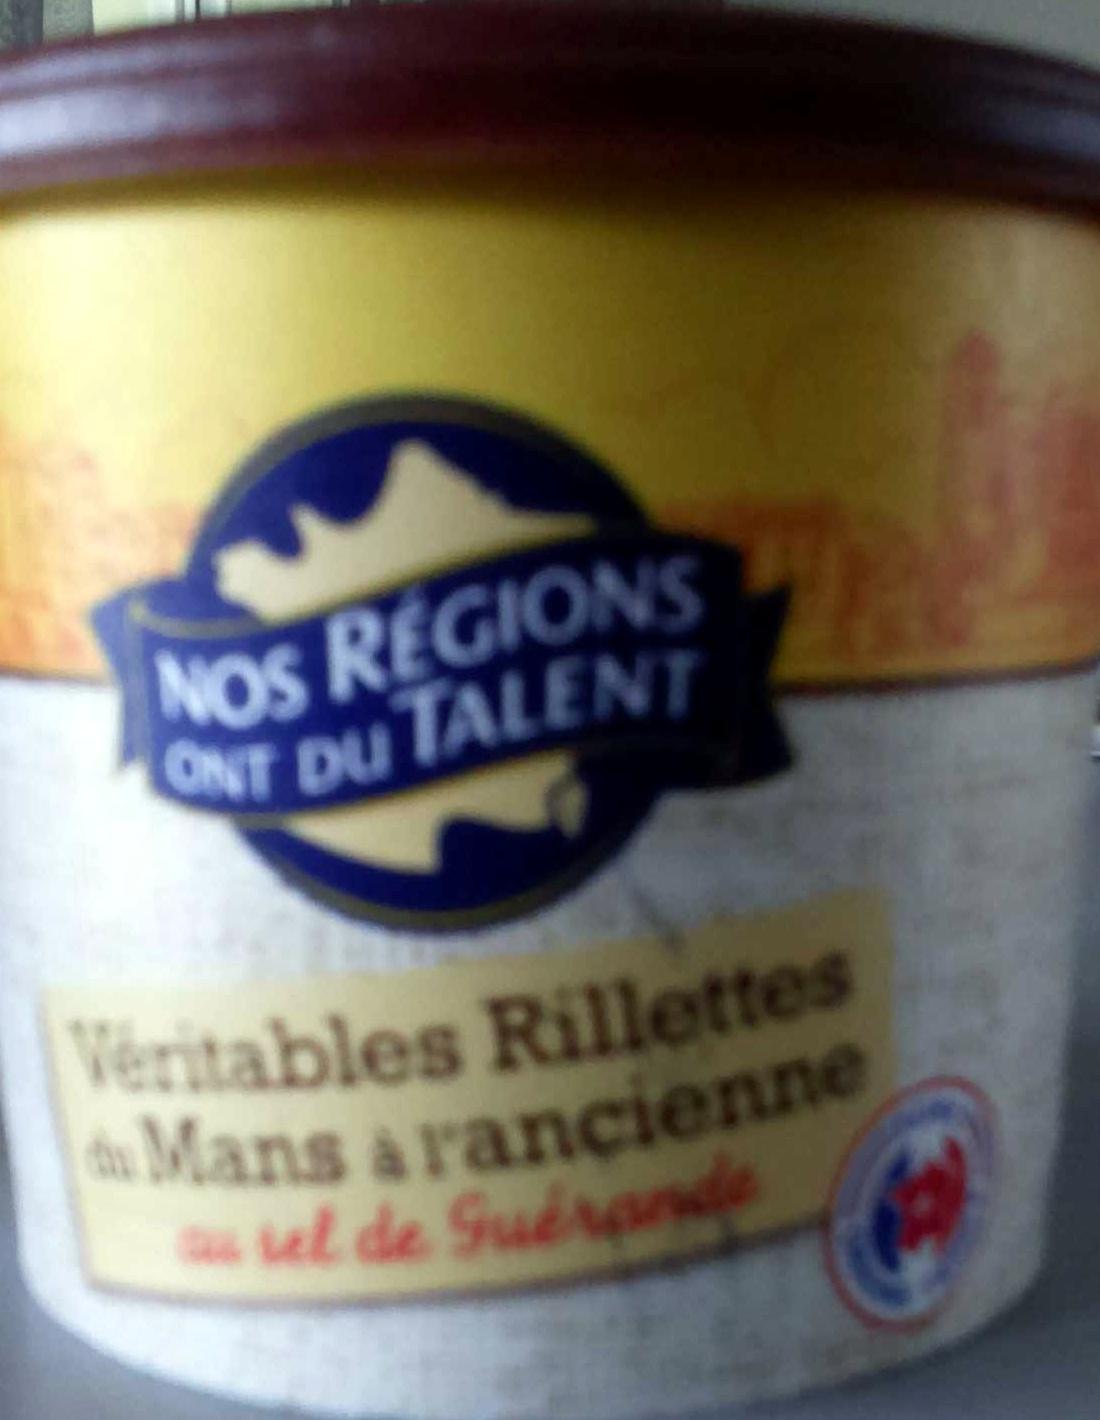 Véritables rillettes du Mans à l'ancienne au sel de Guérande - Produit - fr